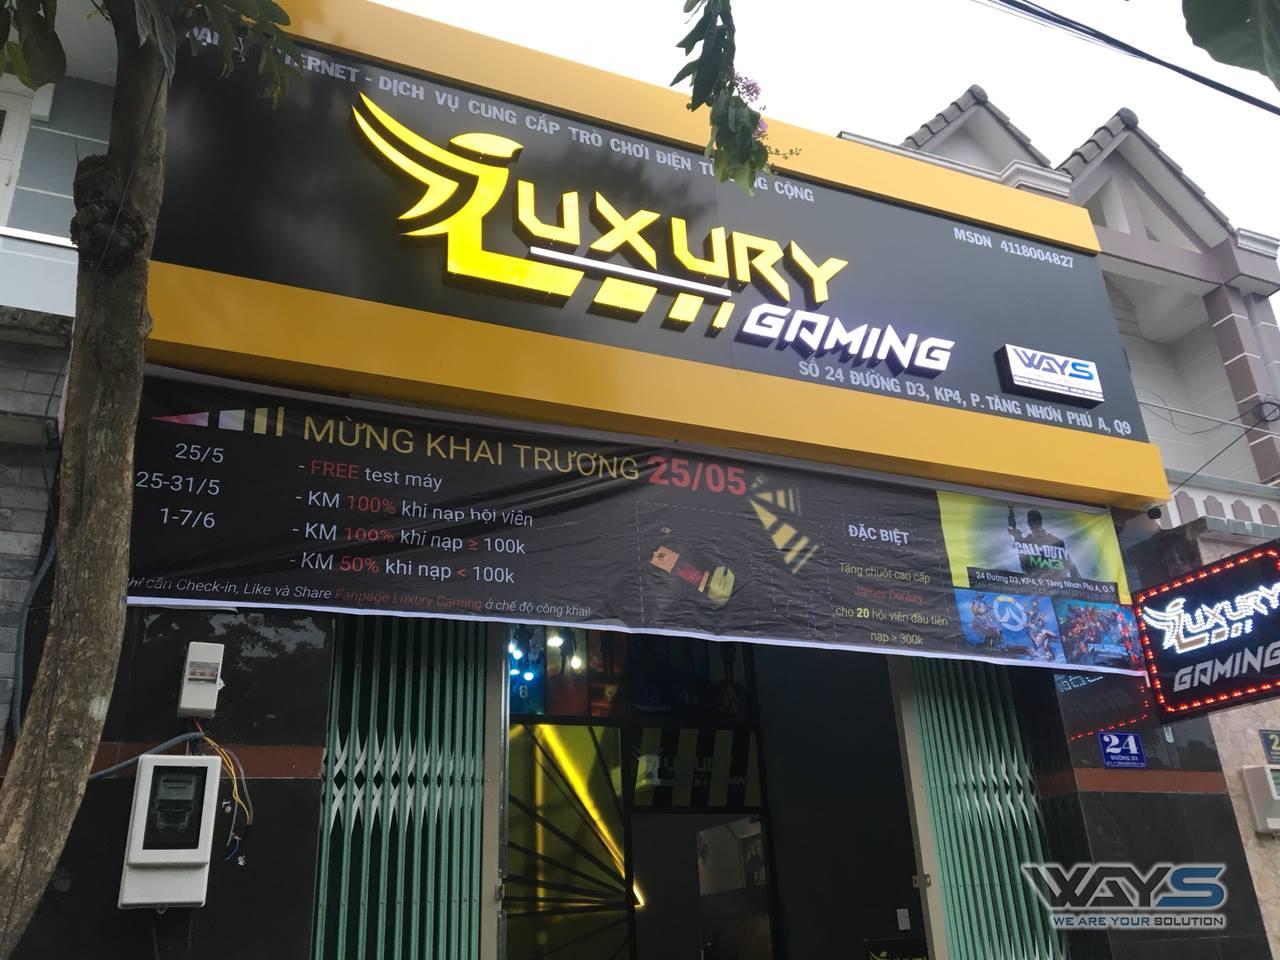 LUXURY GAMING - PHÒNG NET QUẬN 9, HỒ CHÍ MINH